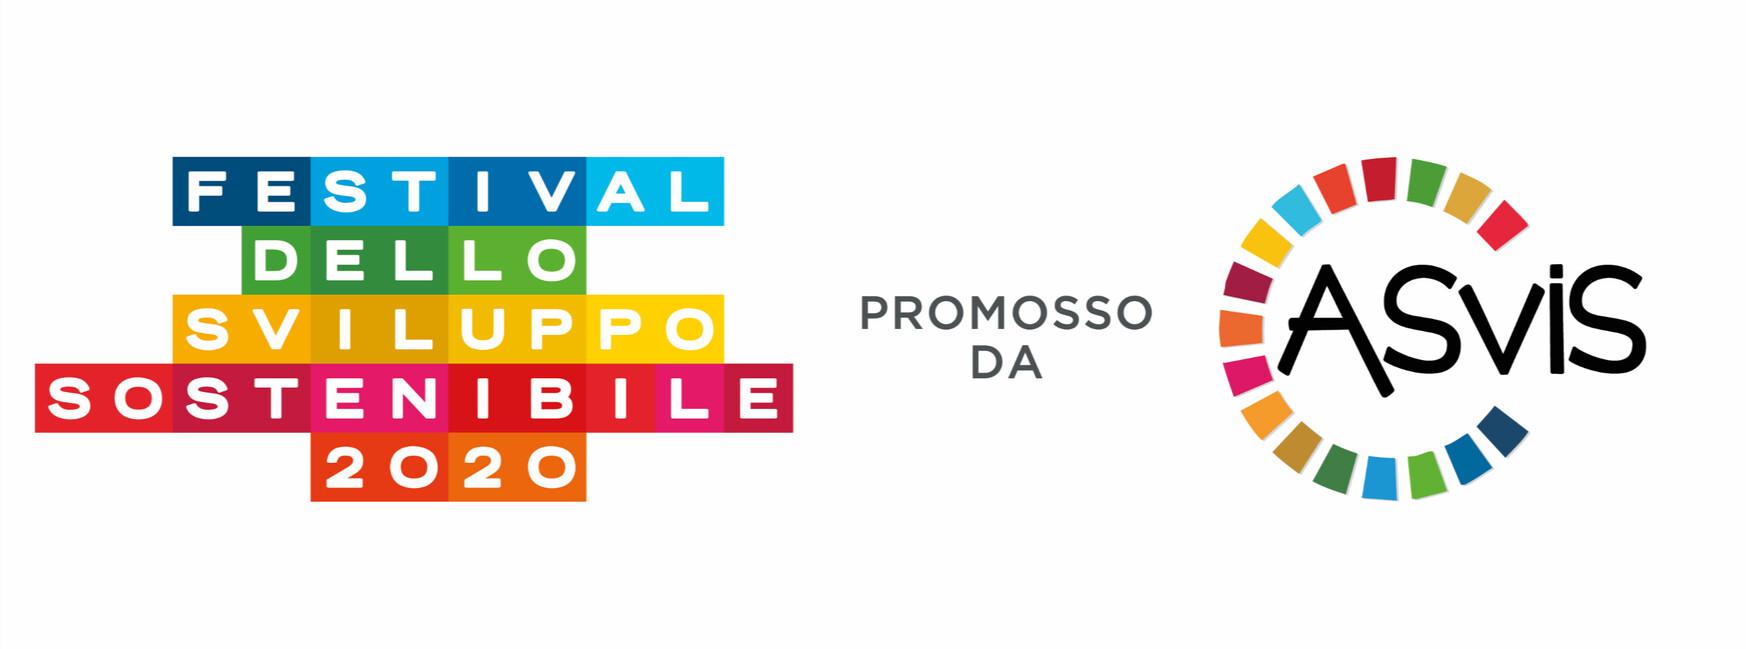 FESTIVAL DELLO SVILUPPO SOSTENIBILE PARMA 2020: inaugurazione